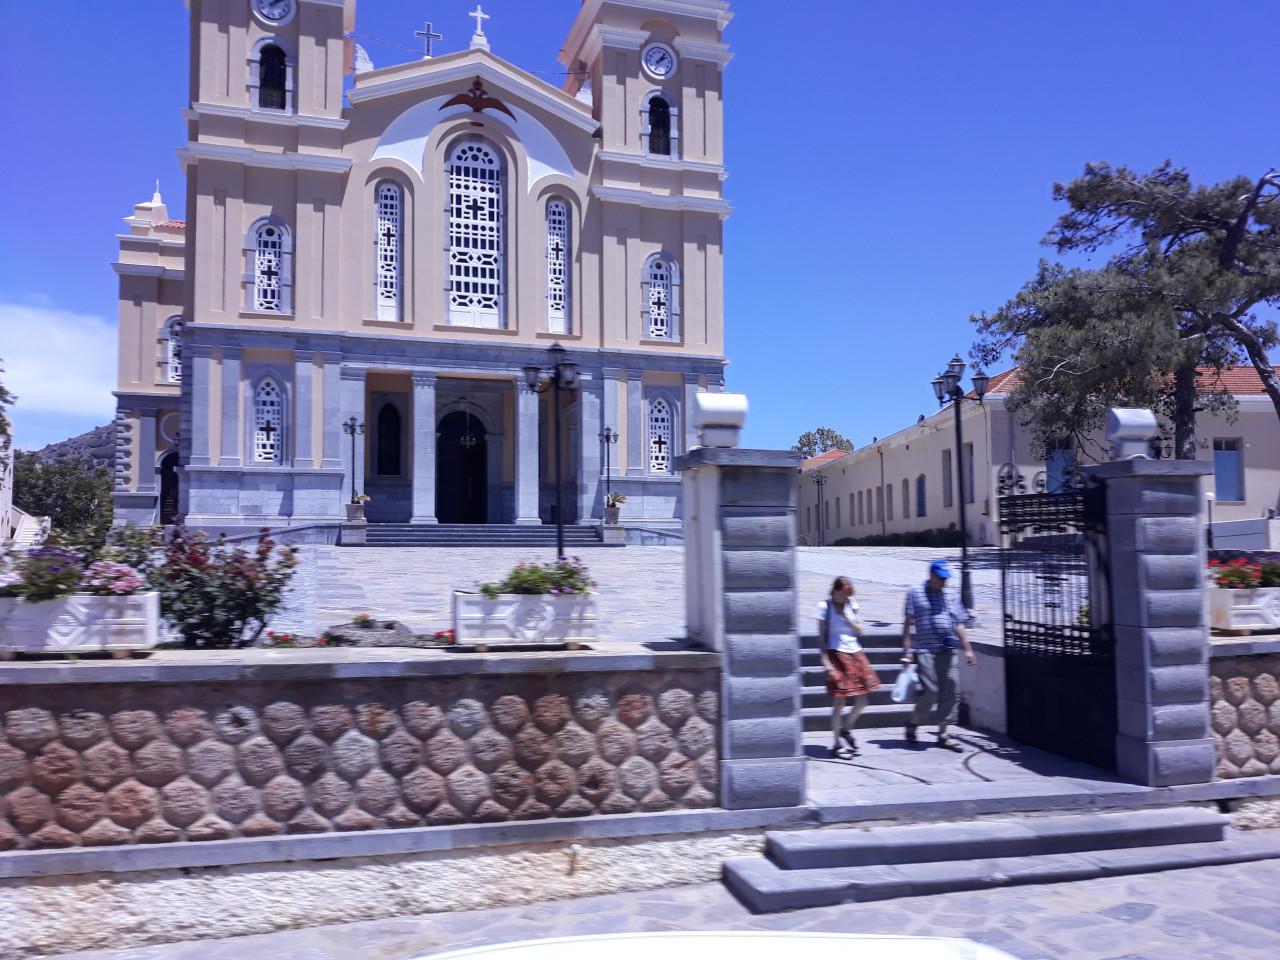 L'imposante église de la place centrale de Neapoli. (© Alex VUCKOVIC))